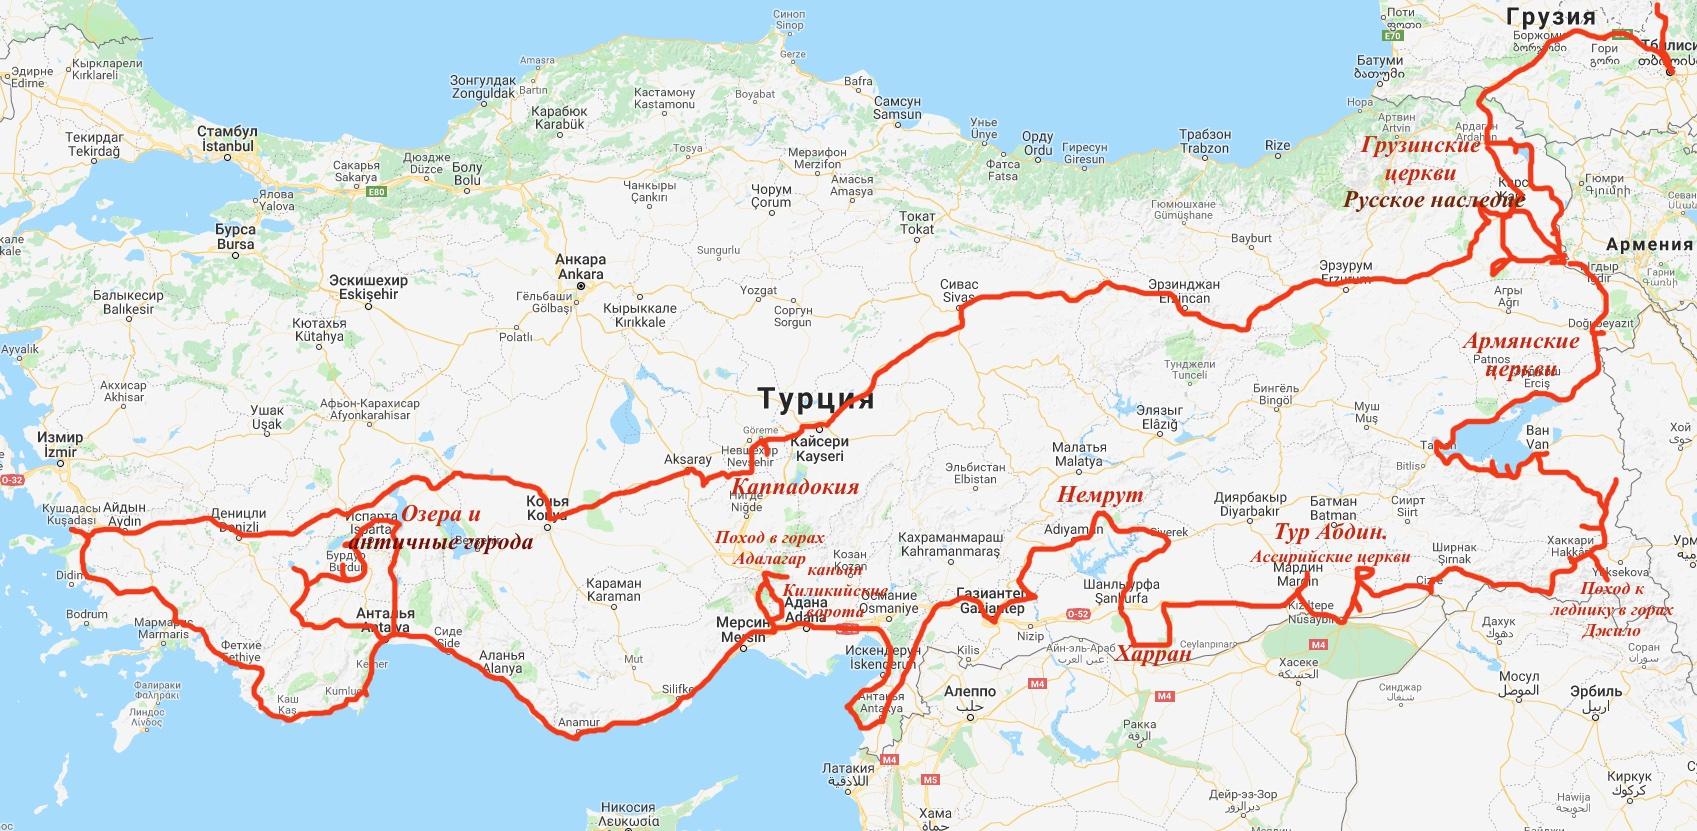 2. Карта со схемой автомобильного маршрута по Северо-Востоку, Юго-Востоку, Югу и Юго-Западу Турции.